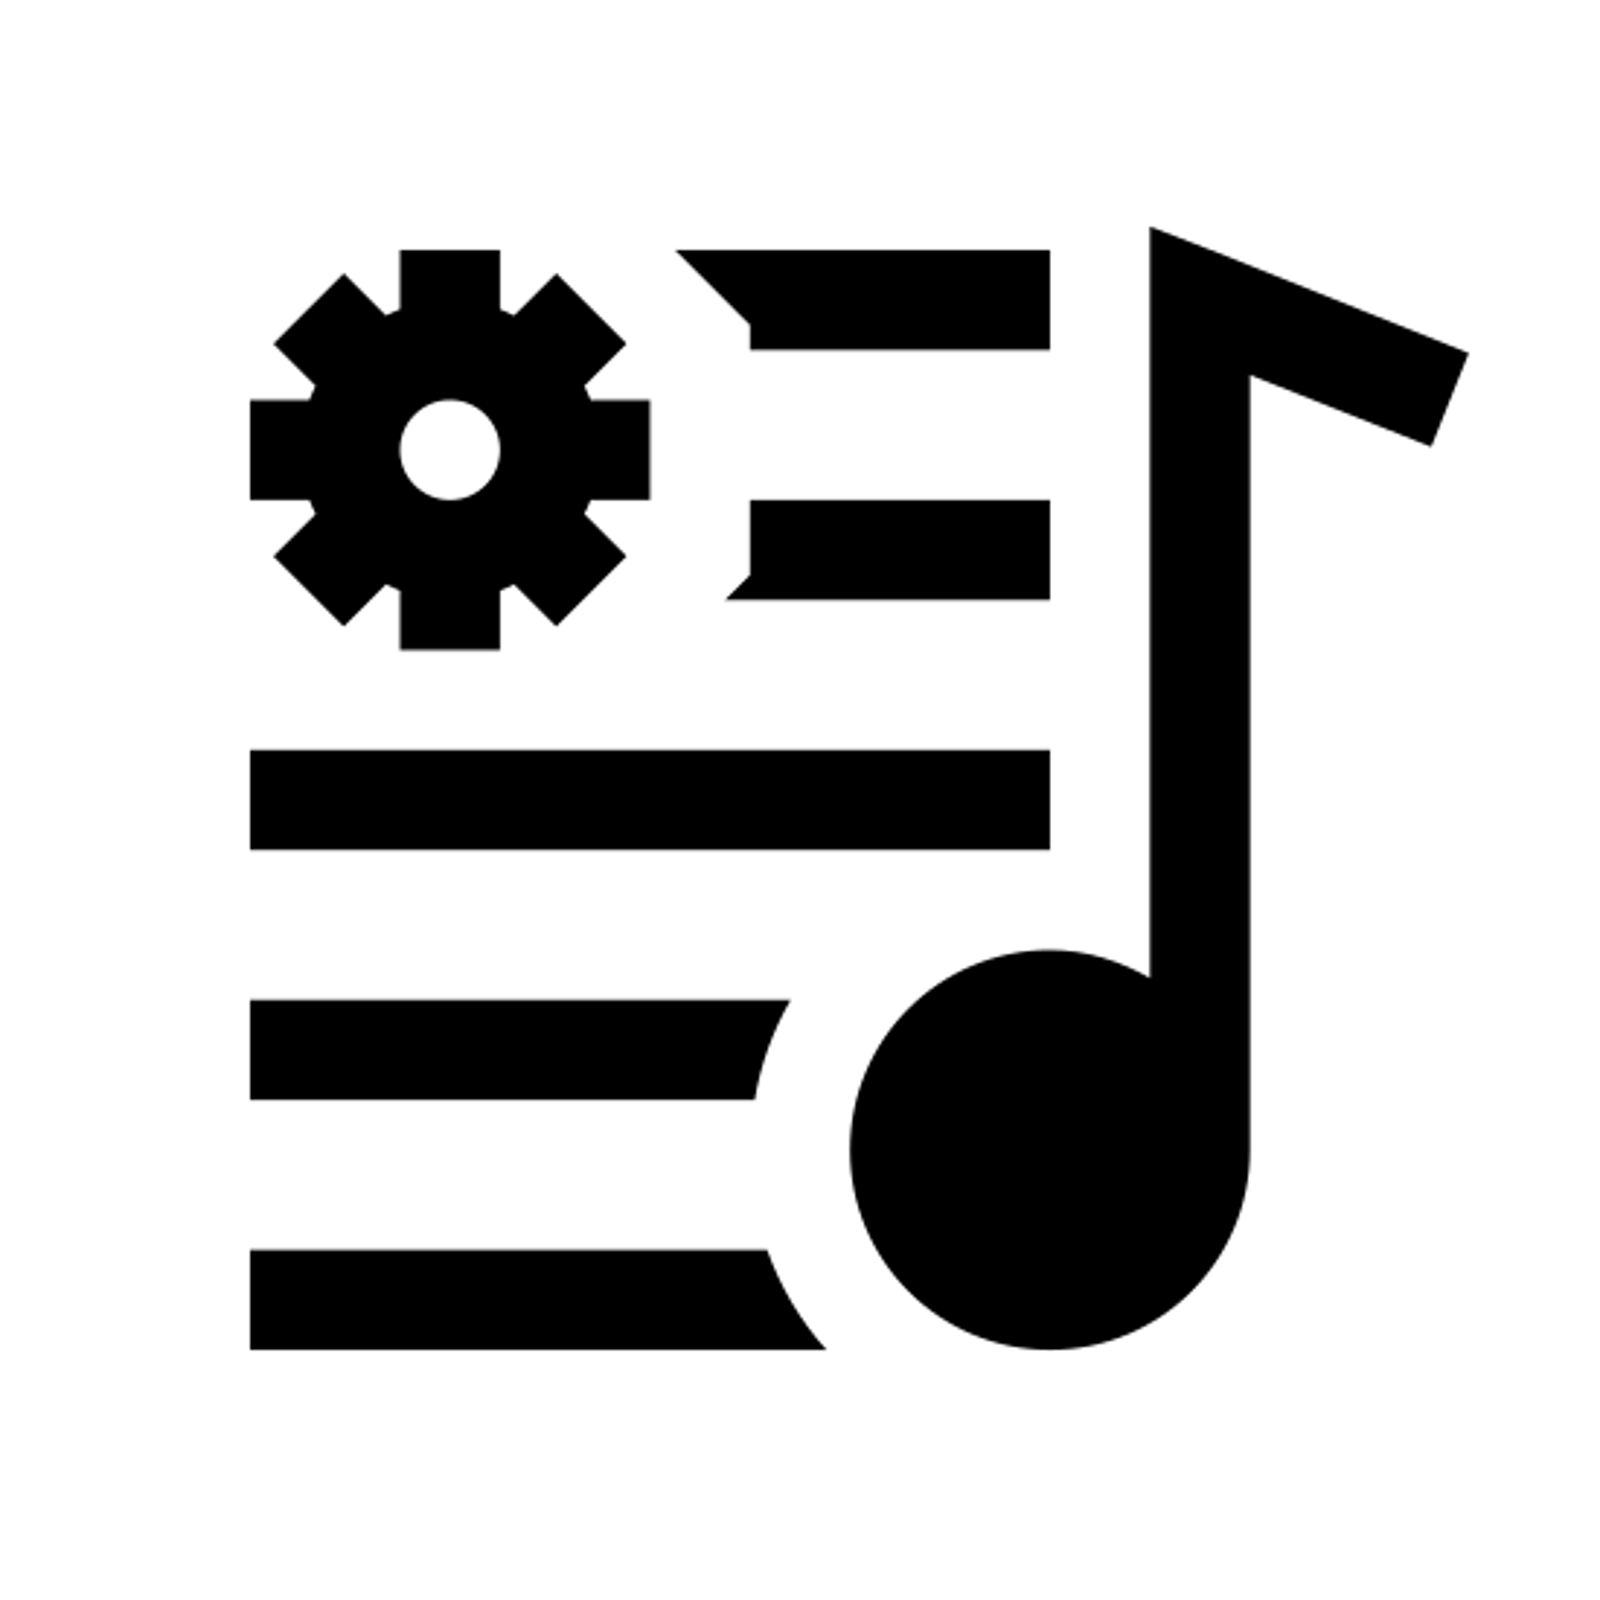 Inteligentna lista odtwarzania icon